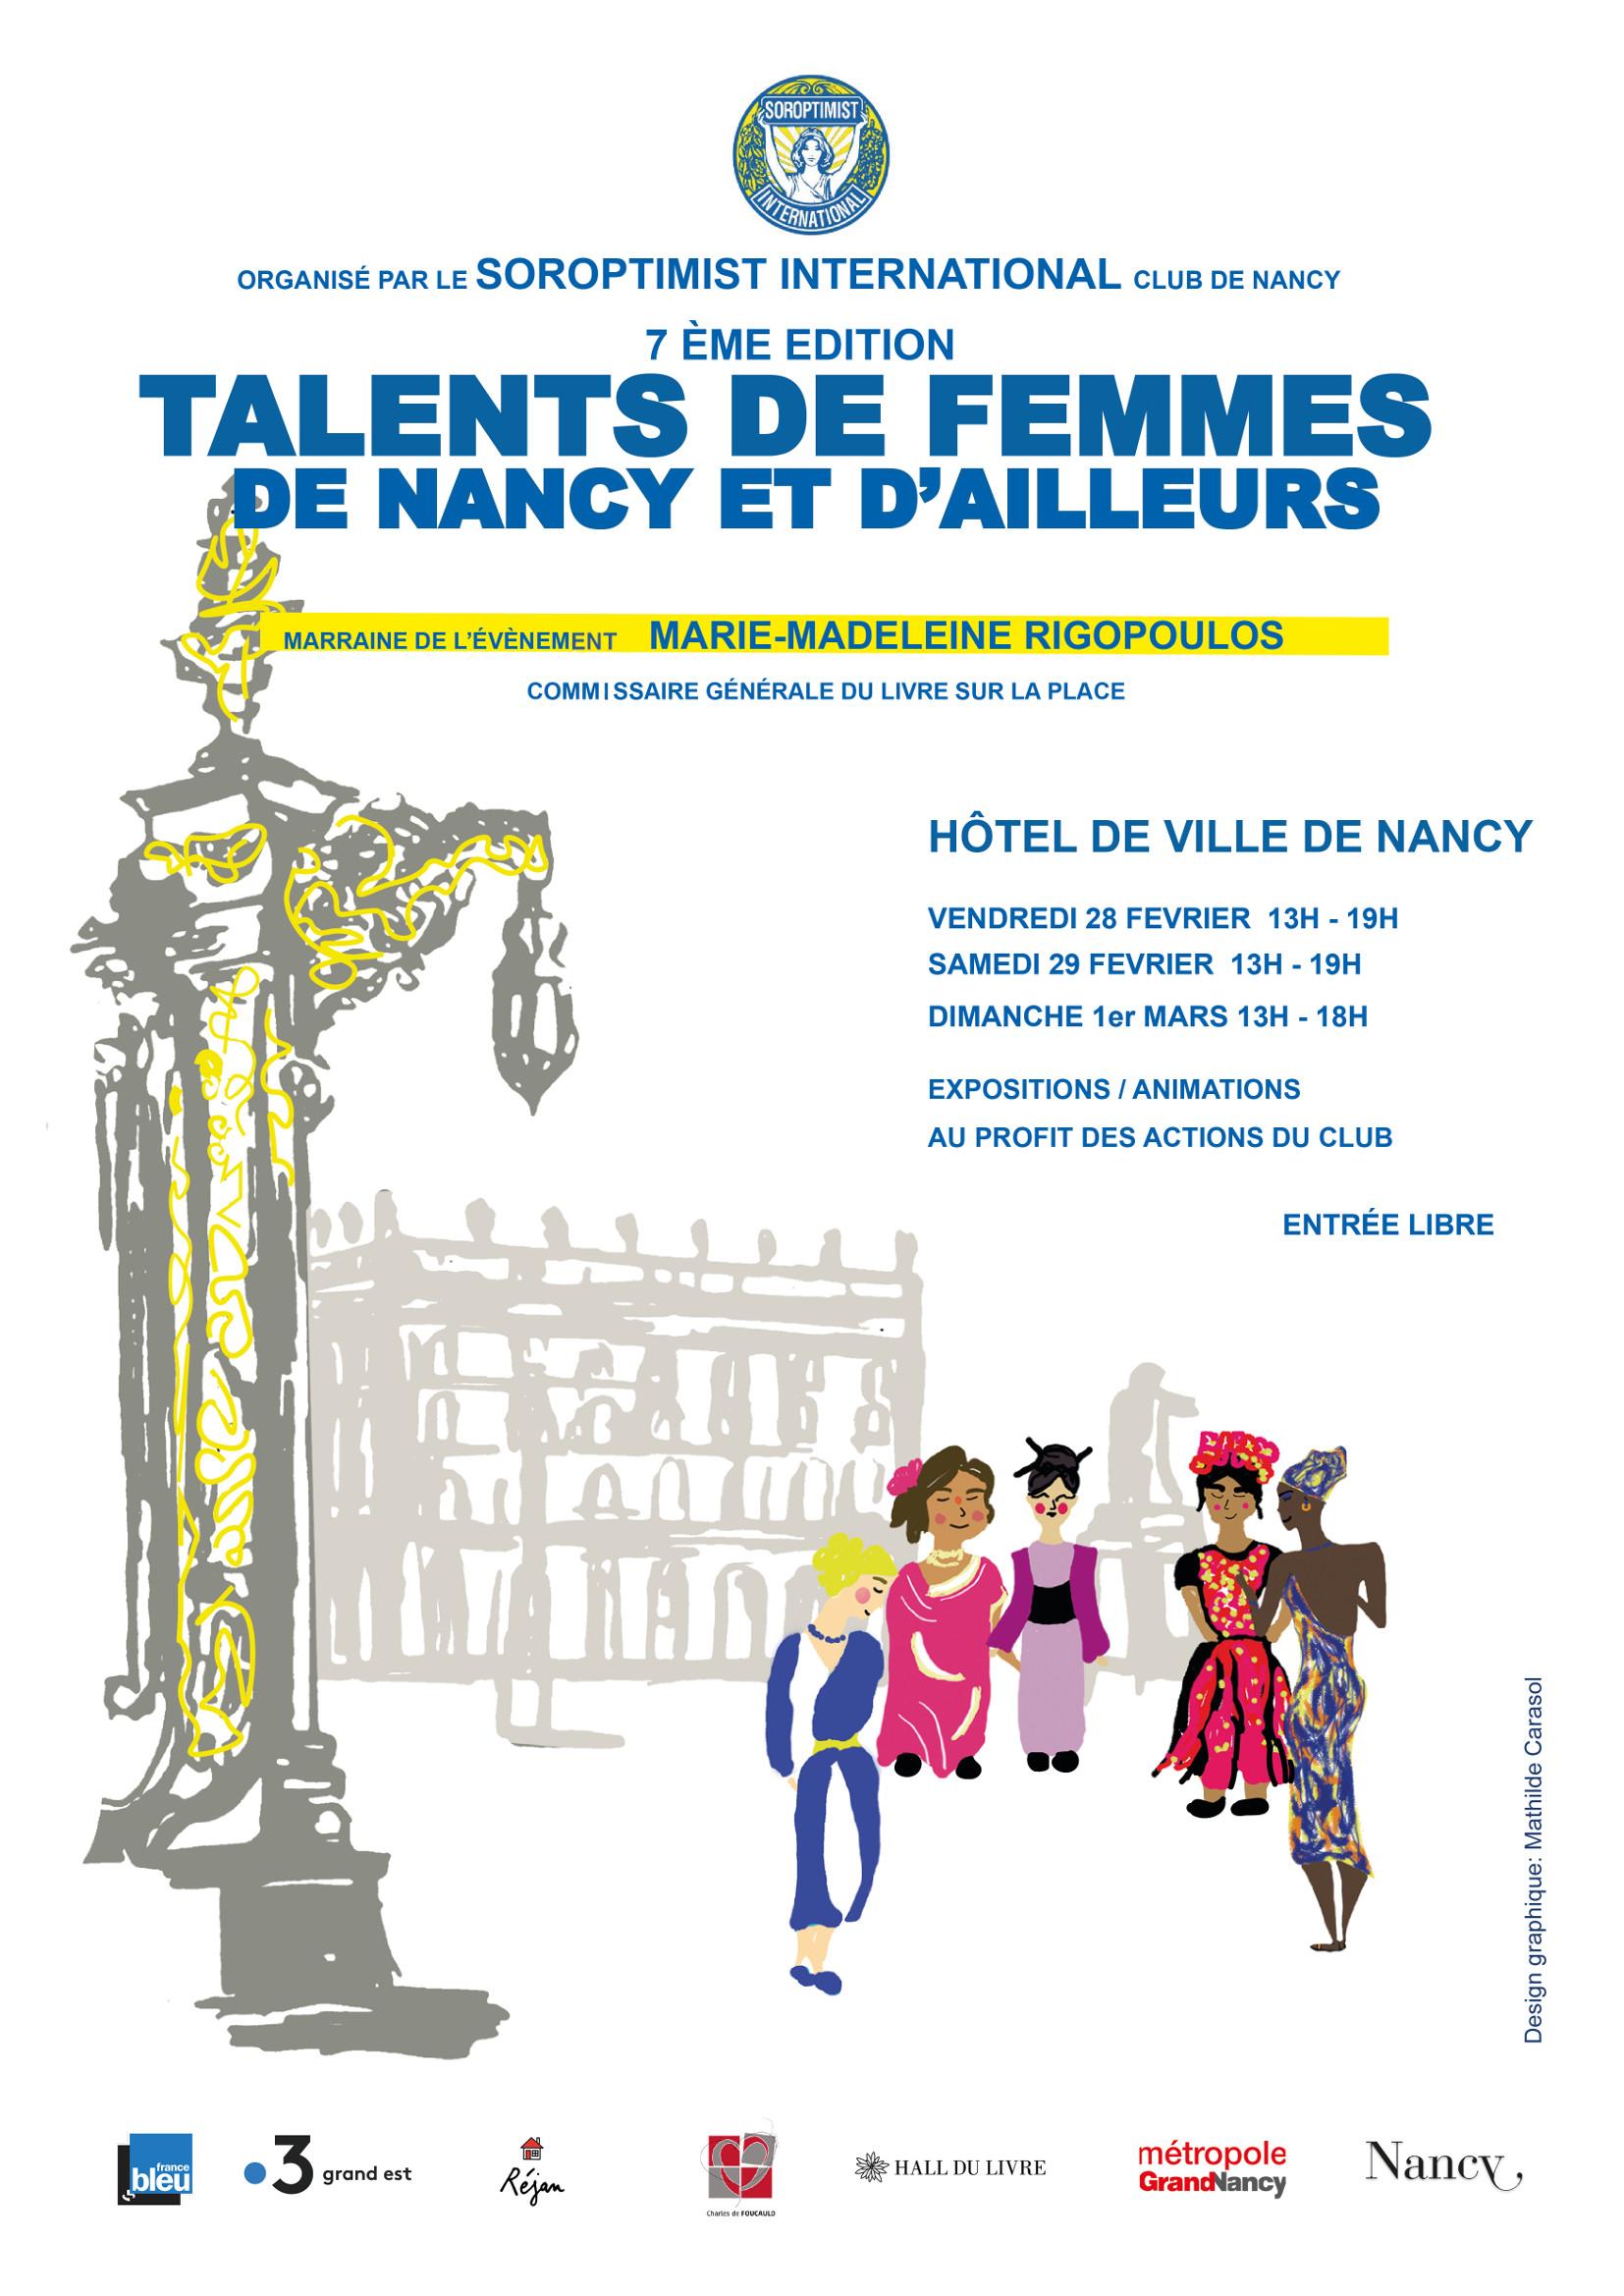 SALON TALENTS DE FEMMES DE NANCY ET D'AILLEURS Nancy